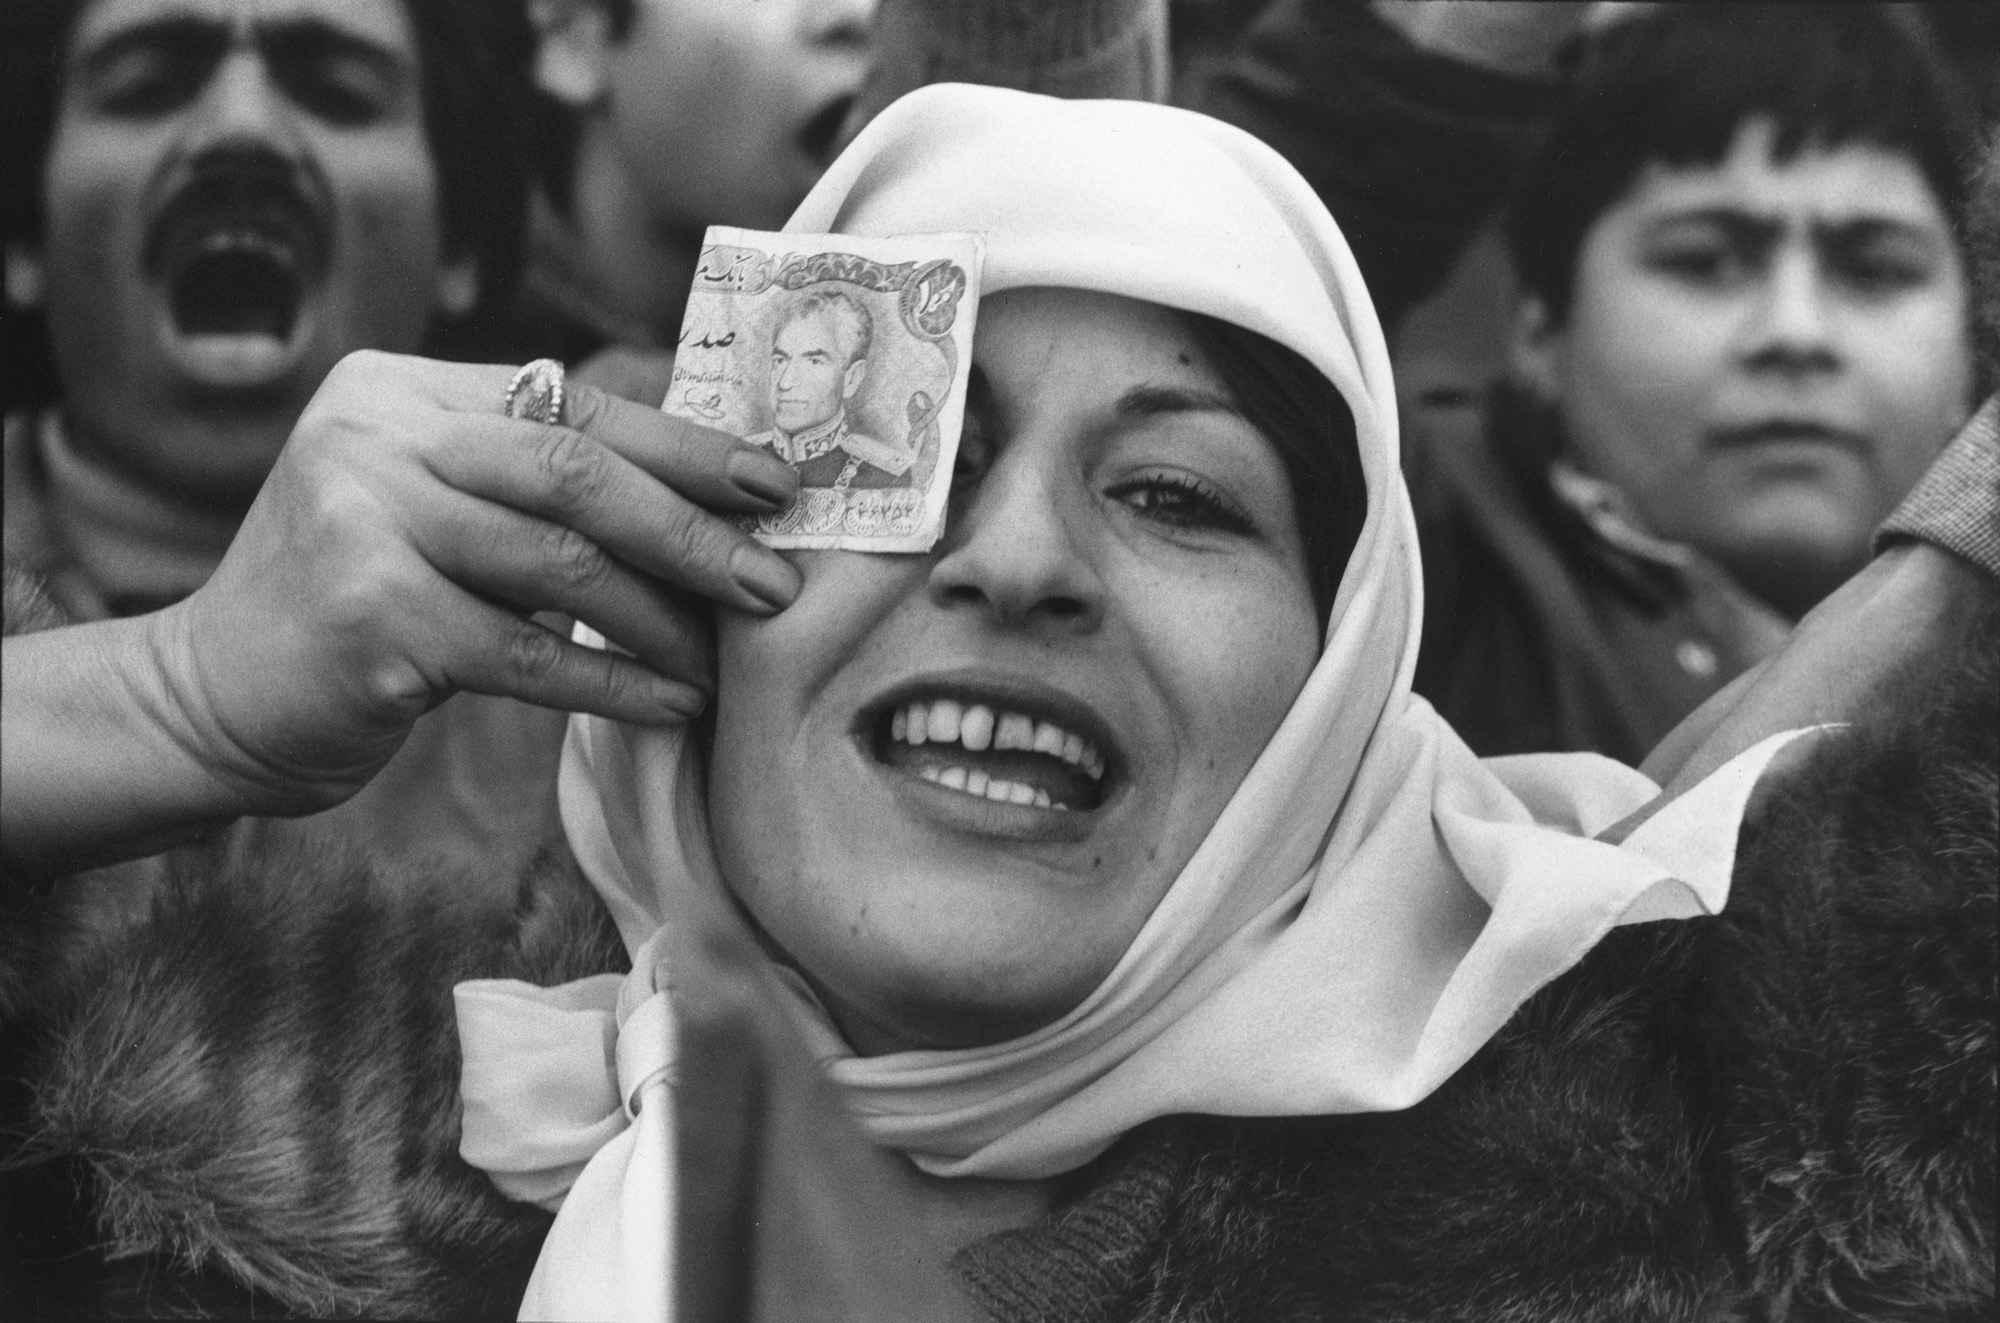 0021 - شهروندِ جهان (عباس عطار ۱۳۲۳-۱۳۹۷) - مگنوم, عکس اجتماعی, عباس عطار, شهروند جهان